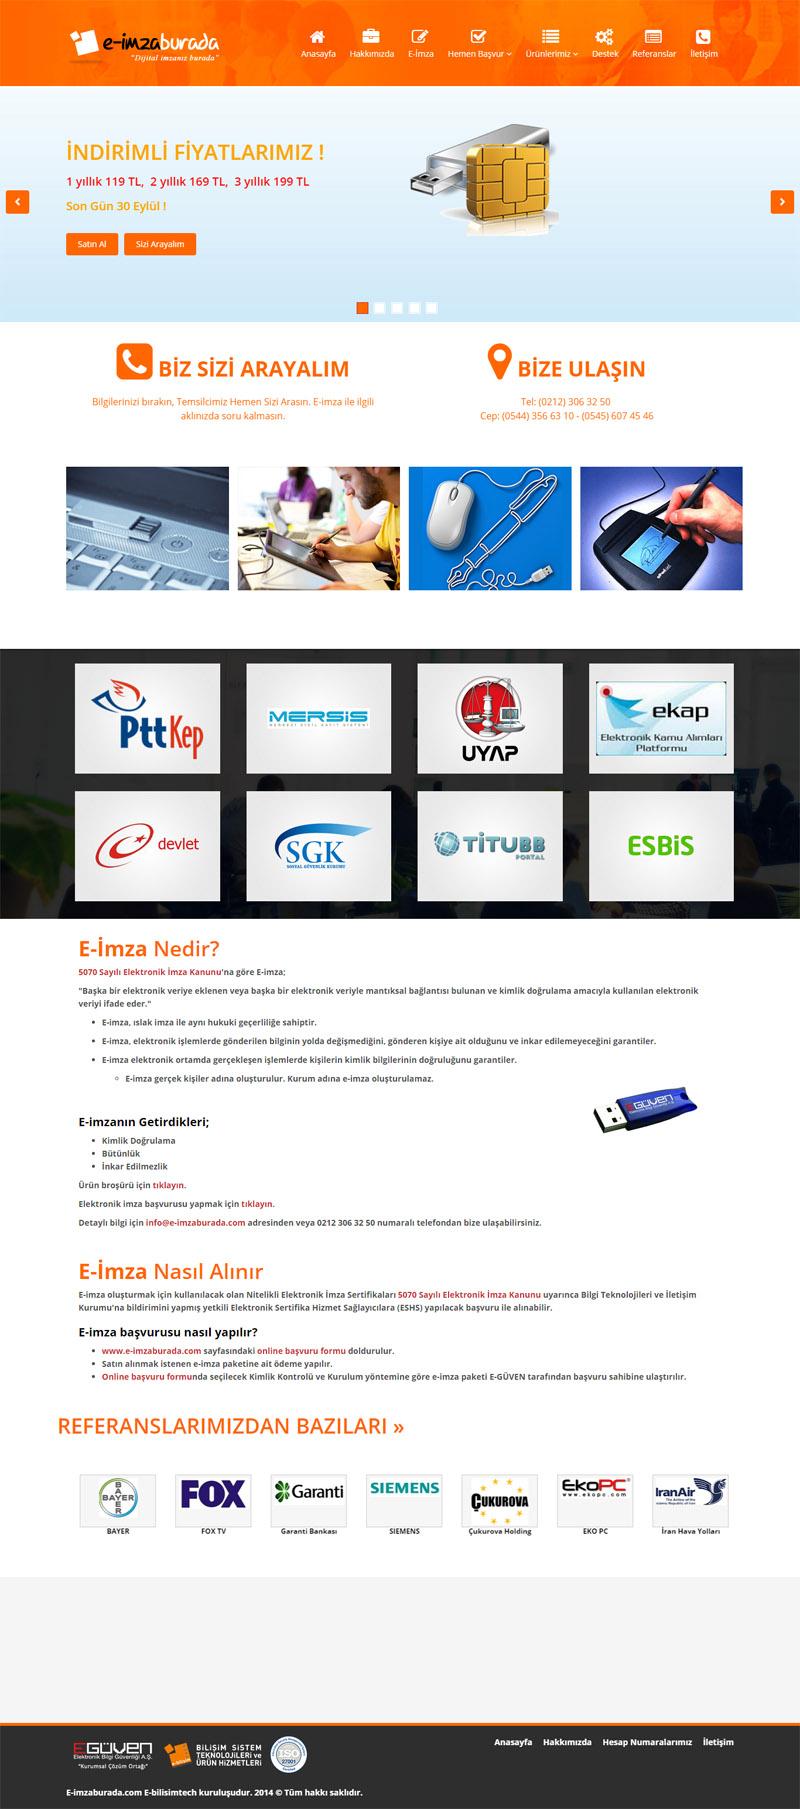 e-imza burada, e-imza, elektronik imza, e-imzaburada.com